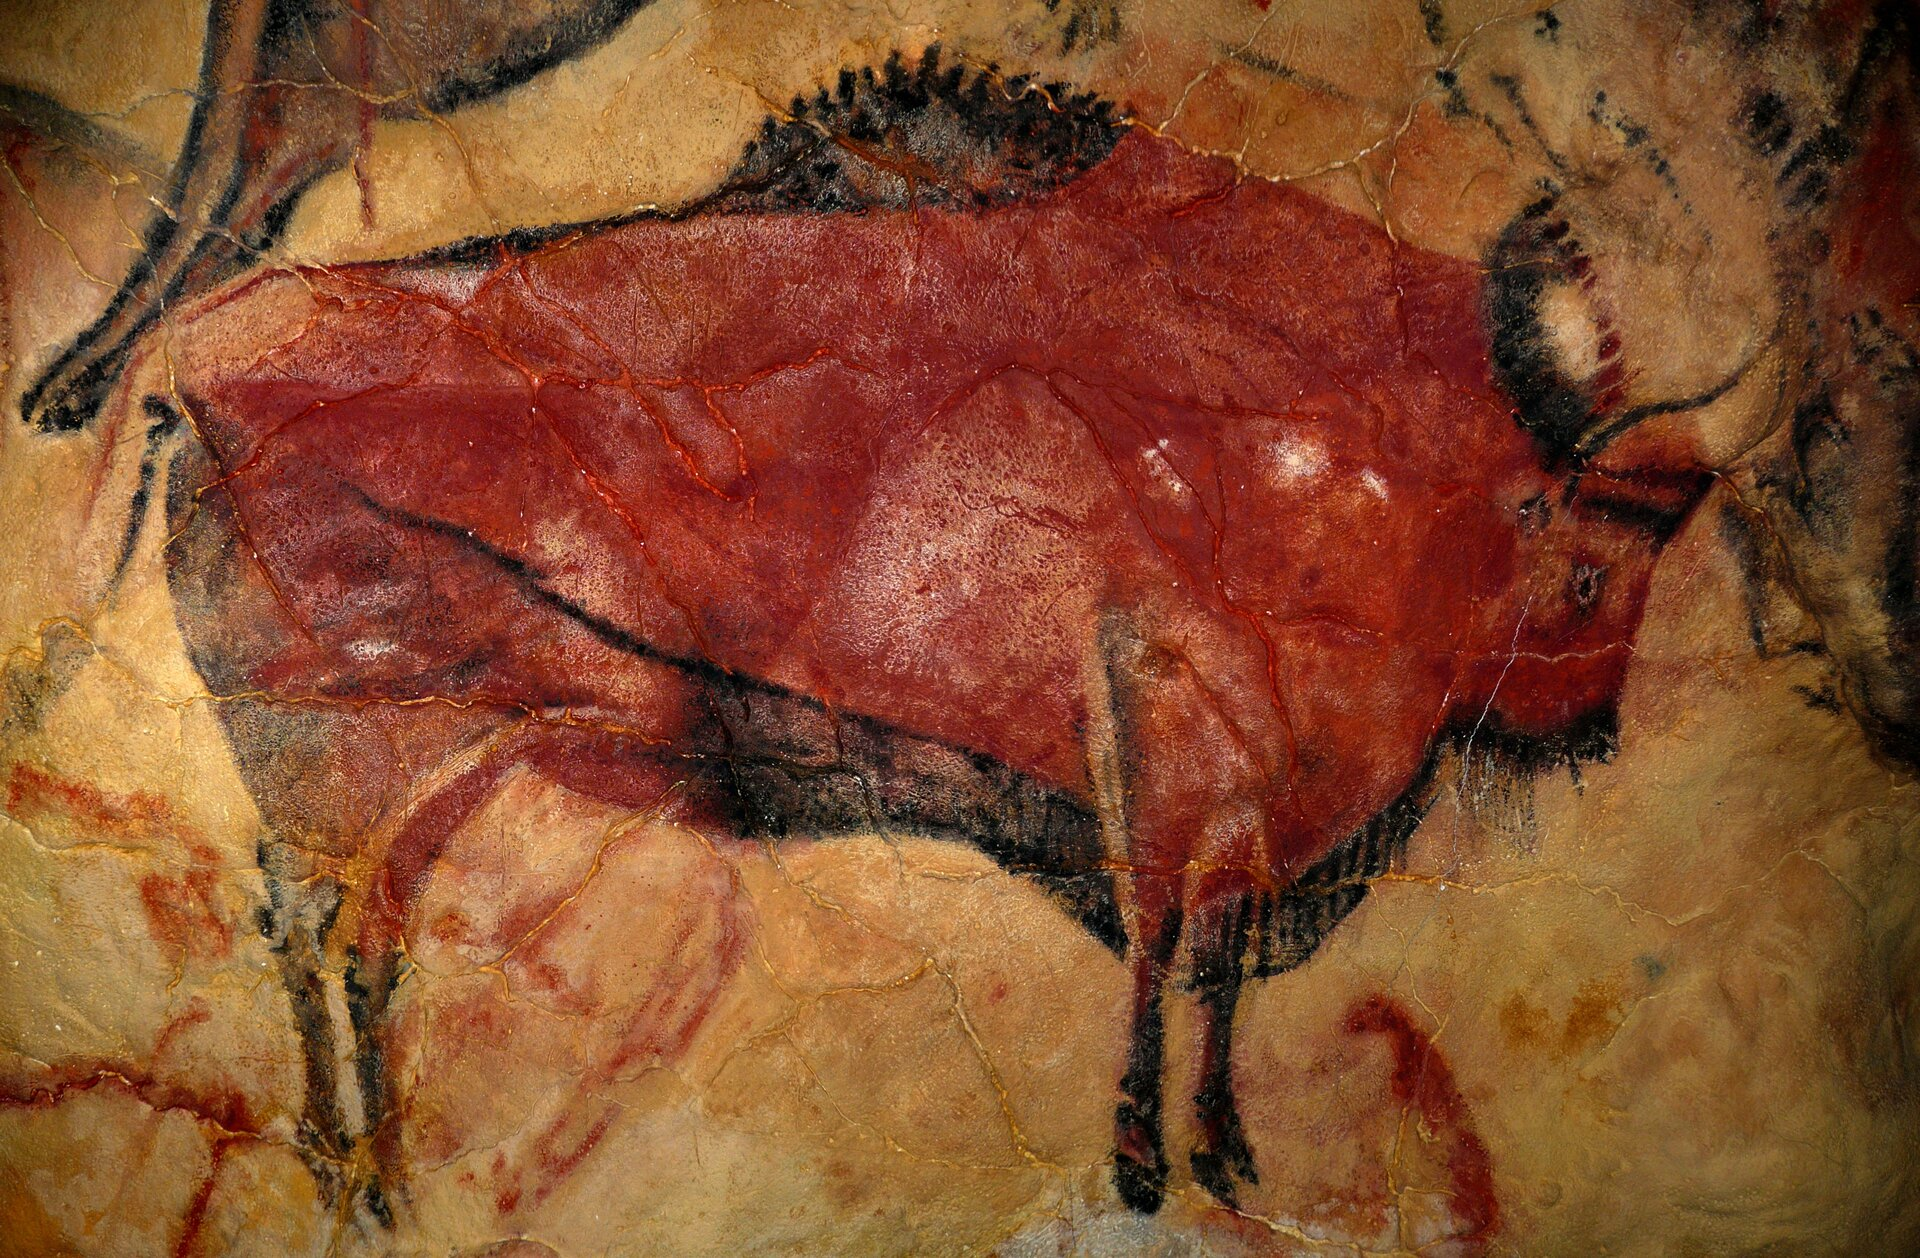 Fragment malowidła zjaskini Altamira wHiszpanii. Prawdopodobnie powstało ono ponad 15 000 lat temu. Jaskinia została odkryta pod koniec XIX wieku. Została wpisana na listę światowego dziedzictwa kultury UNESCO (międzynarodowej organizacji zajmującej się ochroną dziedzictwa kultury), co oznacza, że jest szczególnie chroniona ze względu na swoją unikalną wartość Fragment malowidła zjaskini Altamira wHiszpanii. Prawdopodobnie powstało ono ponad 15 000 lat temu. Jaskinia została odkryta pod koniec XIX wieku. Została wpisana na listę światowego dziedzictwa kultury UNESCO (międzynarodowej organizacji zajmującej się ochroną dziedzictwa kultury), co oznacza, że jest szczególnie chroniona ze względu na swoją unikalną wartość Źródło: domena publiczna.